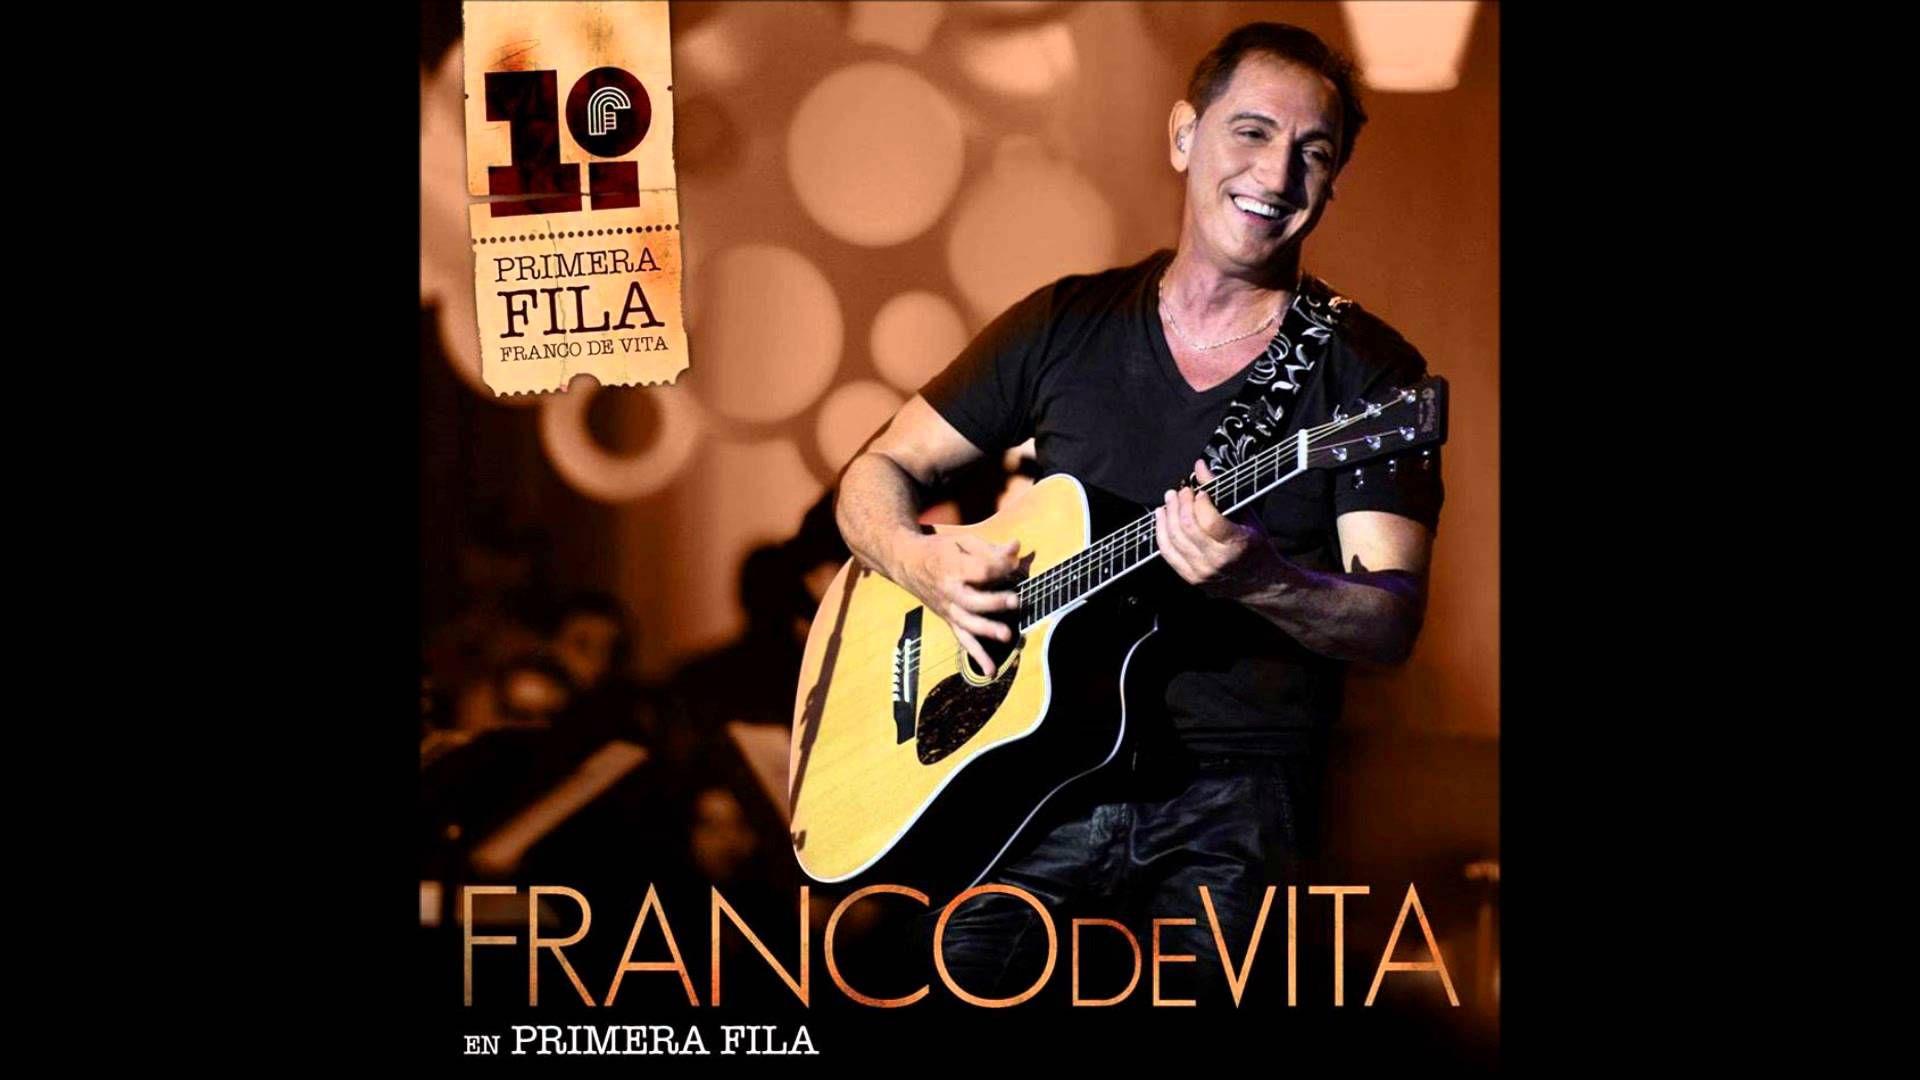 Franco De Vita - Te amo. (En Primera Fila, Live)